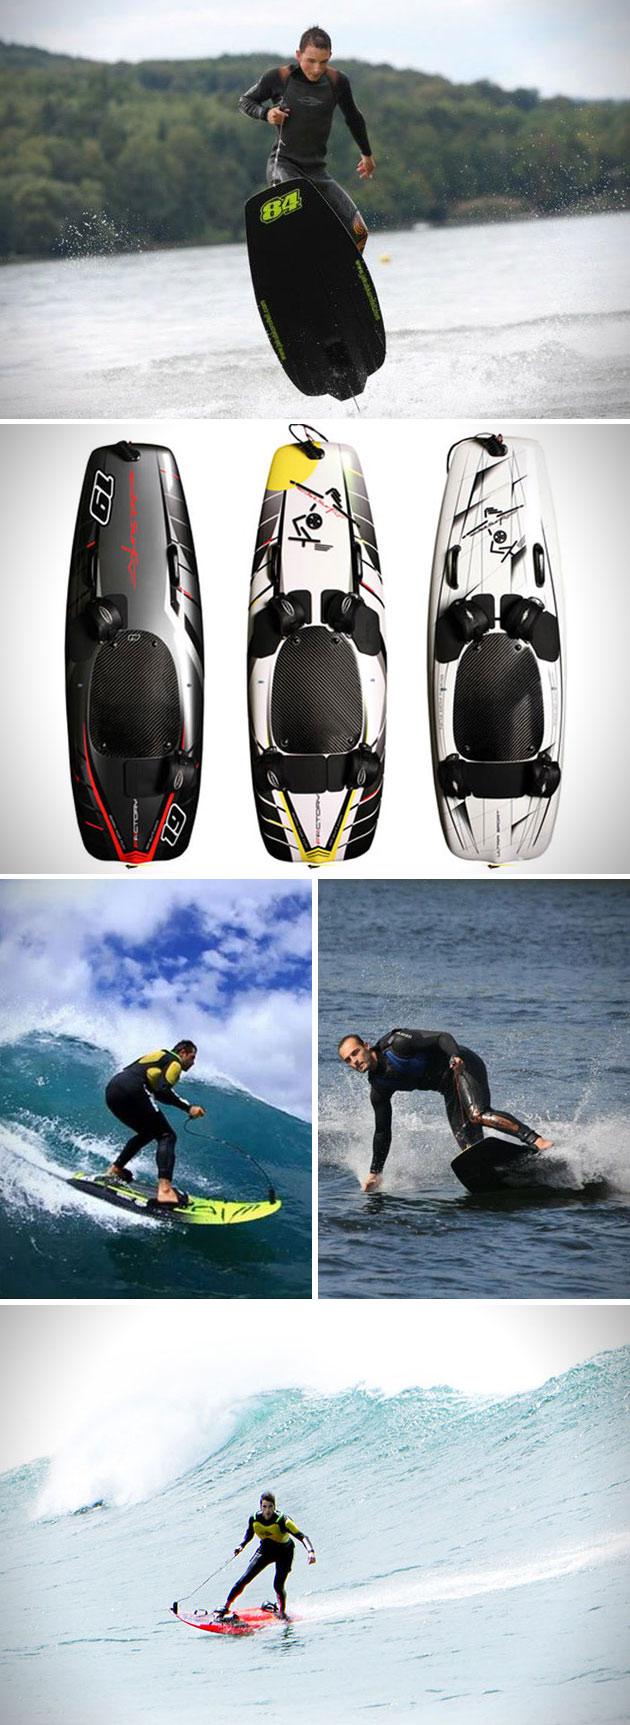 JetSurf Jet-Propelled Surfboard